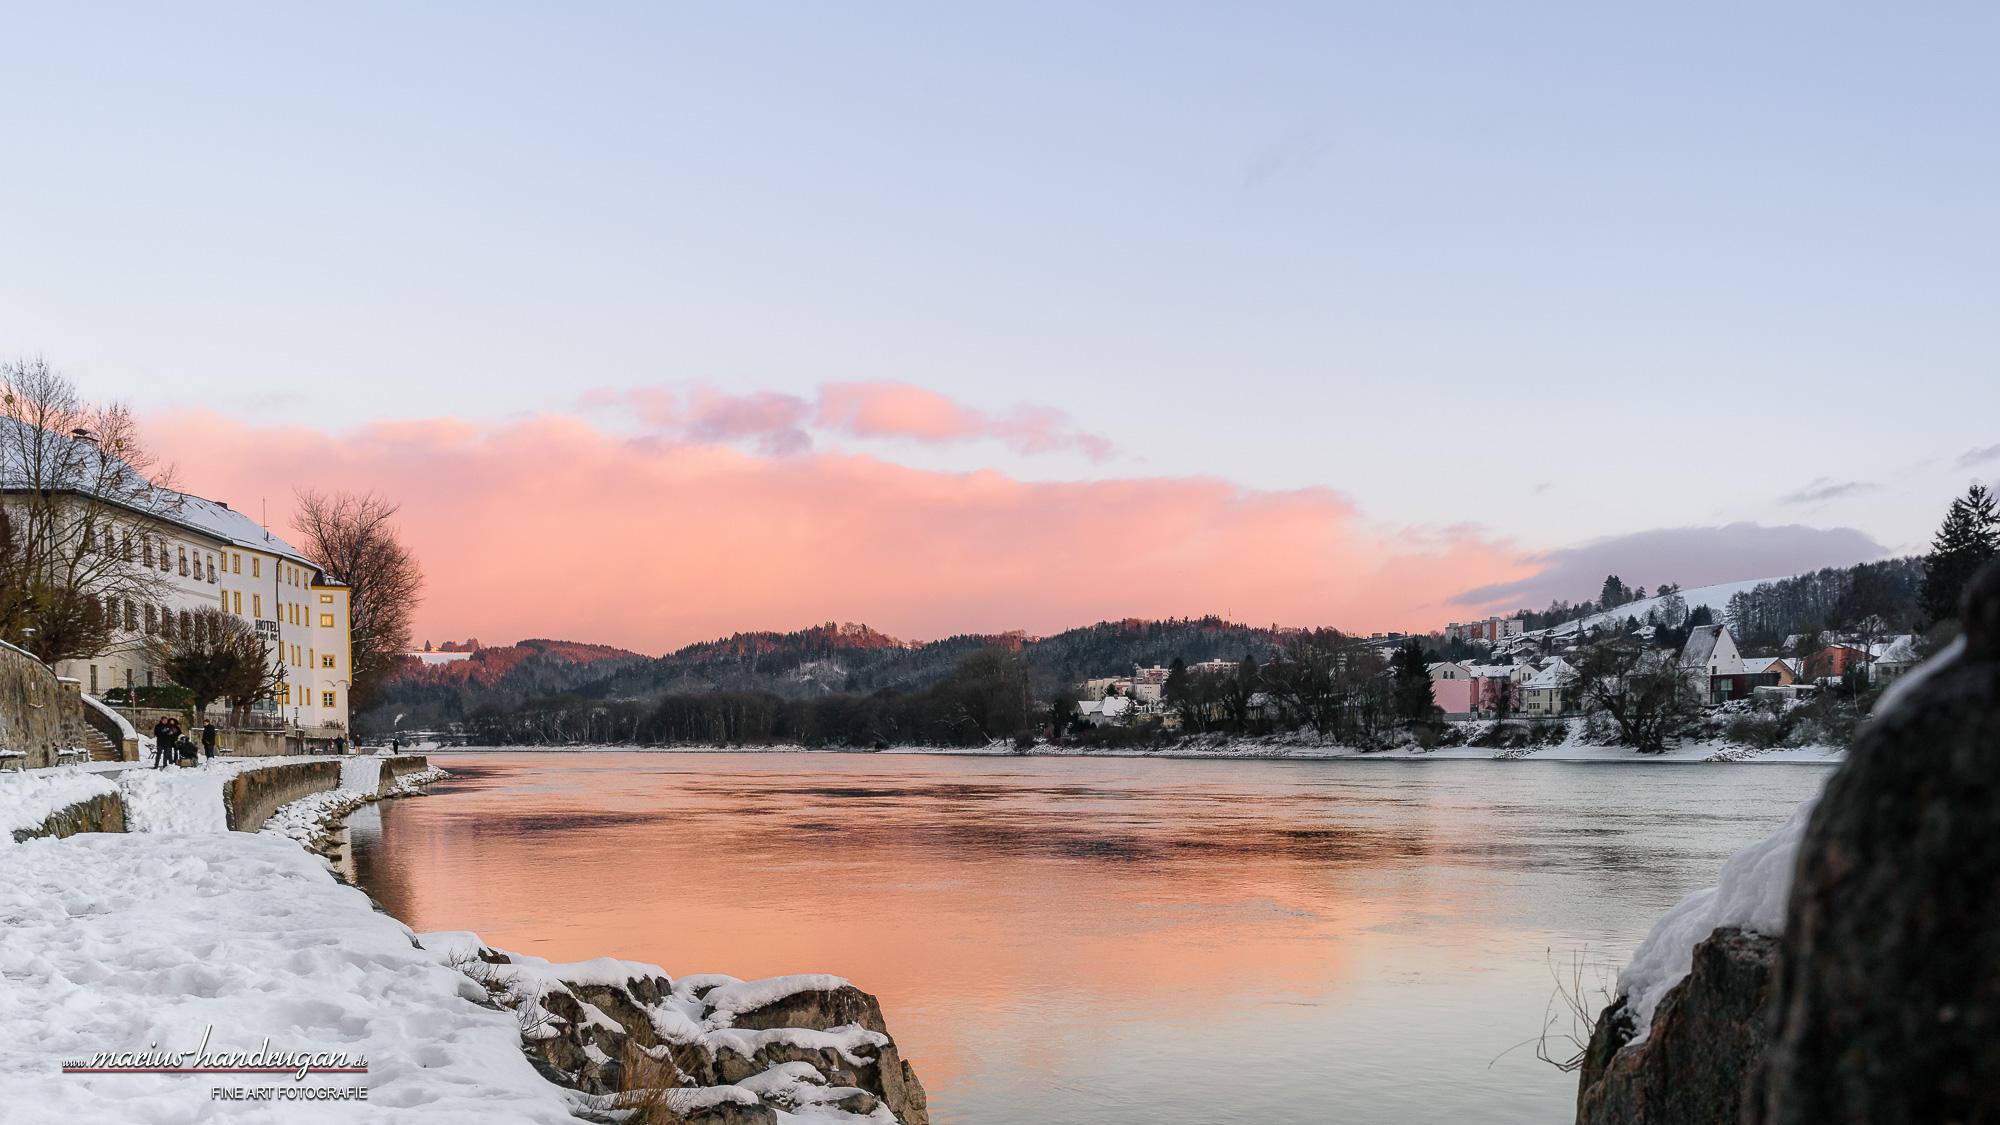 Sonnenuntergang über winterliches Passau